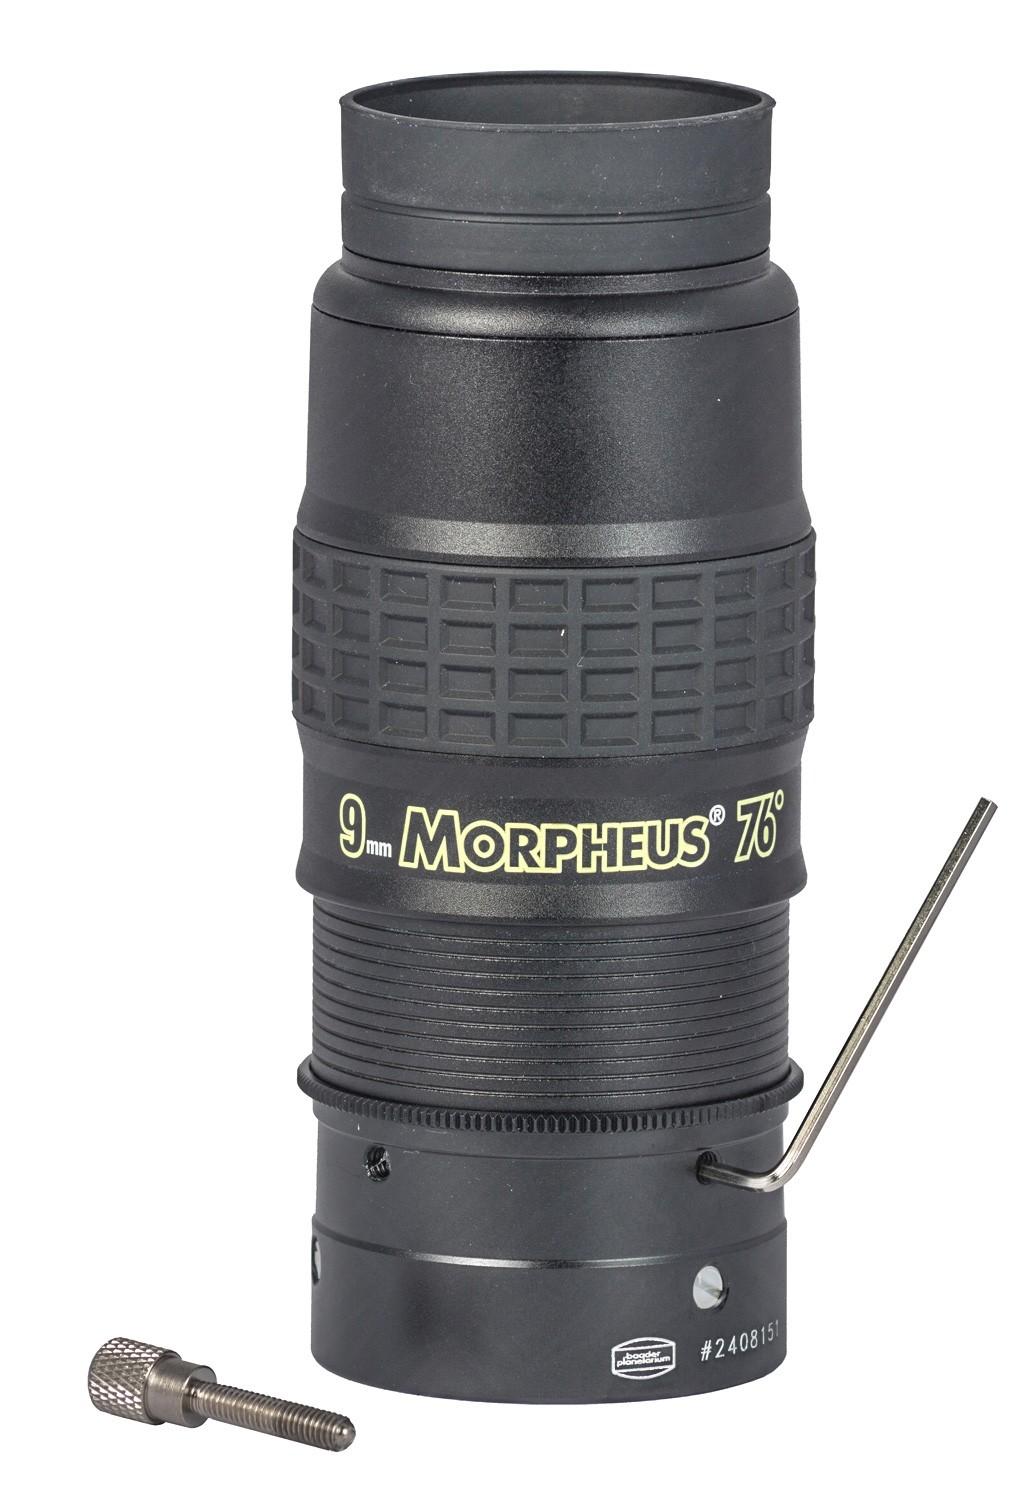 Anwendungsbild: Baader Pushfix montiert am 9 mm Morpheus® 76° Weitwinkel-Okular